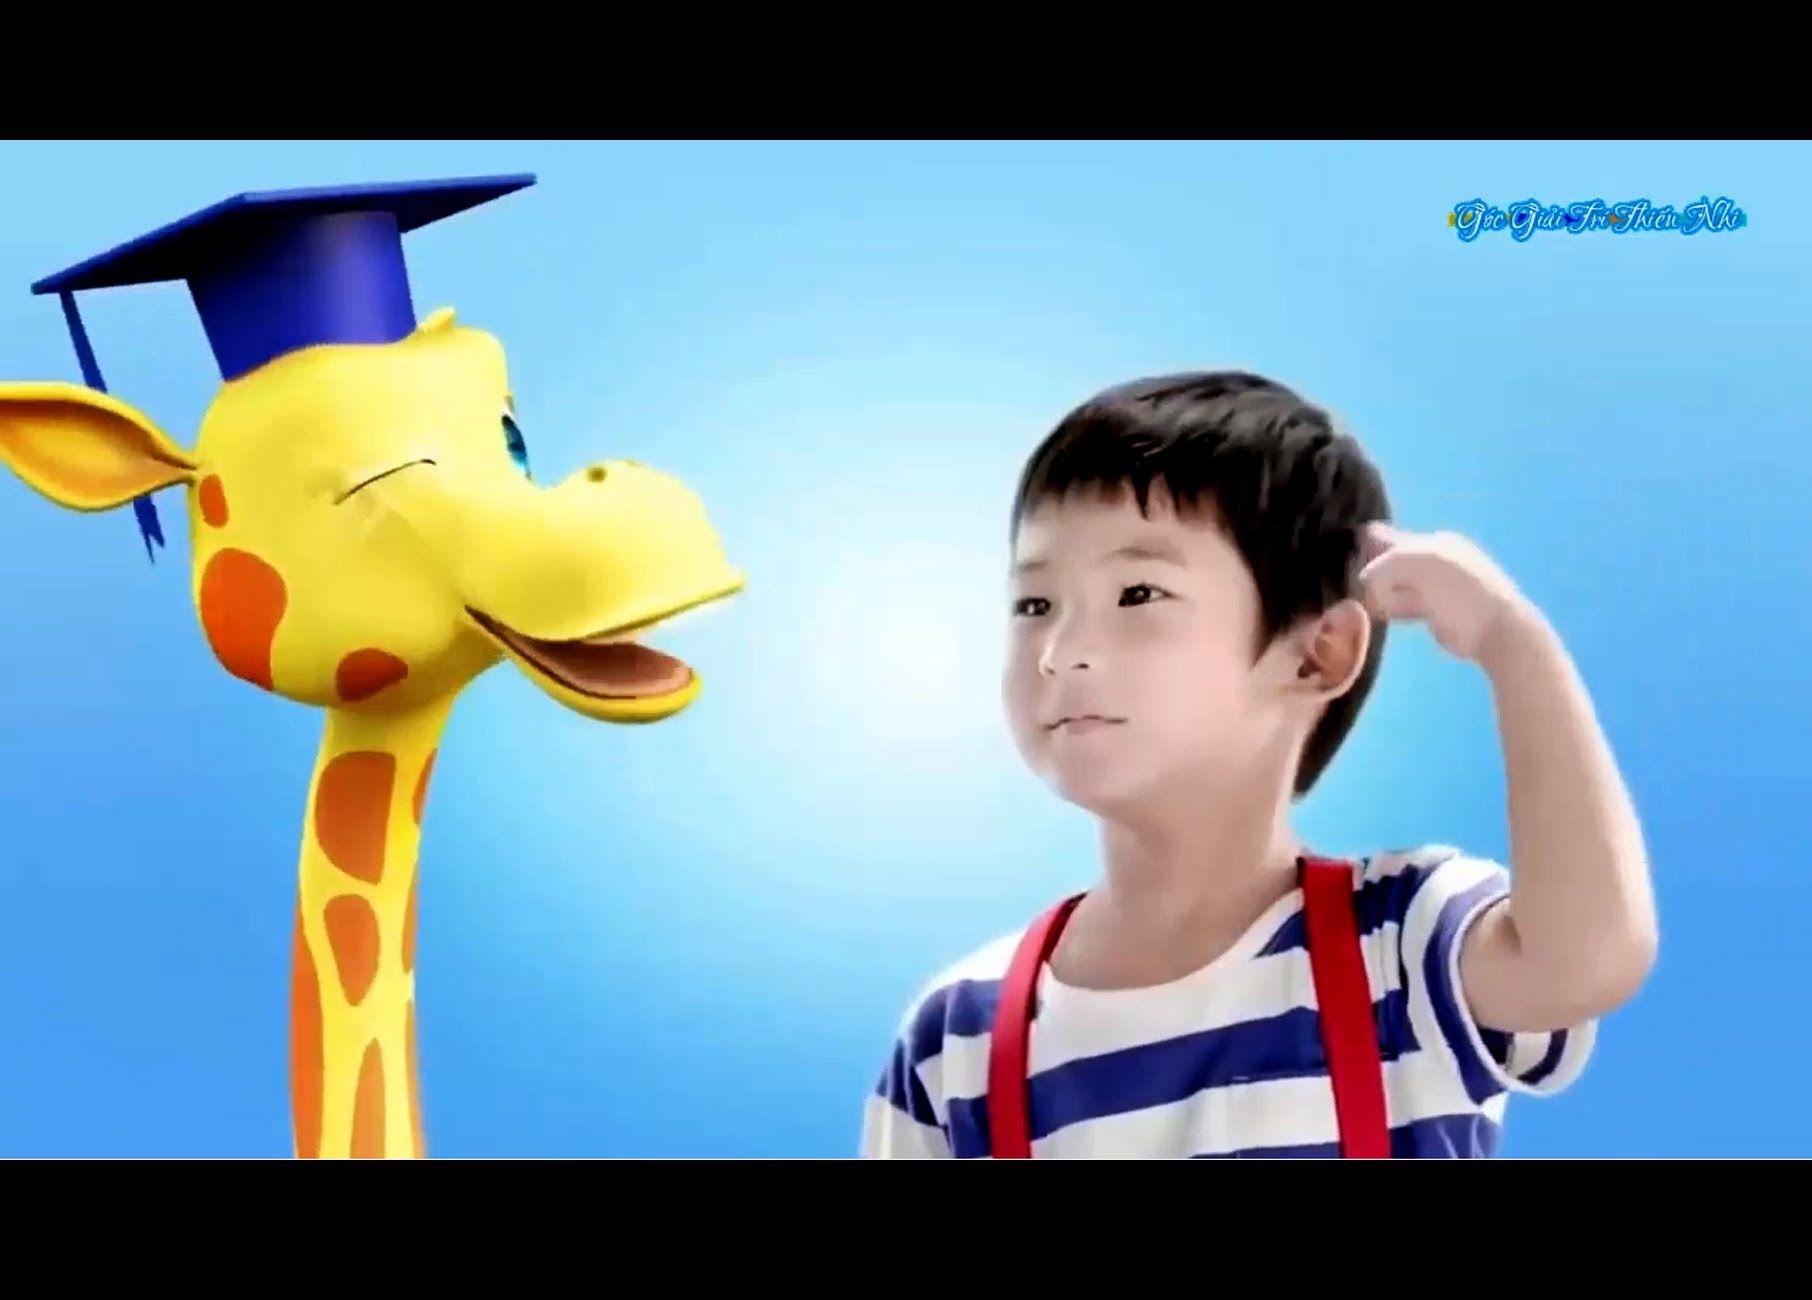 Quảng cáo vui nhộn cho bé dễ thương